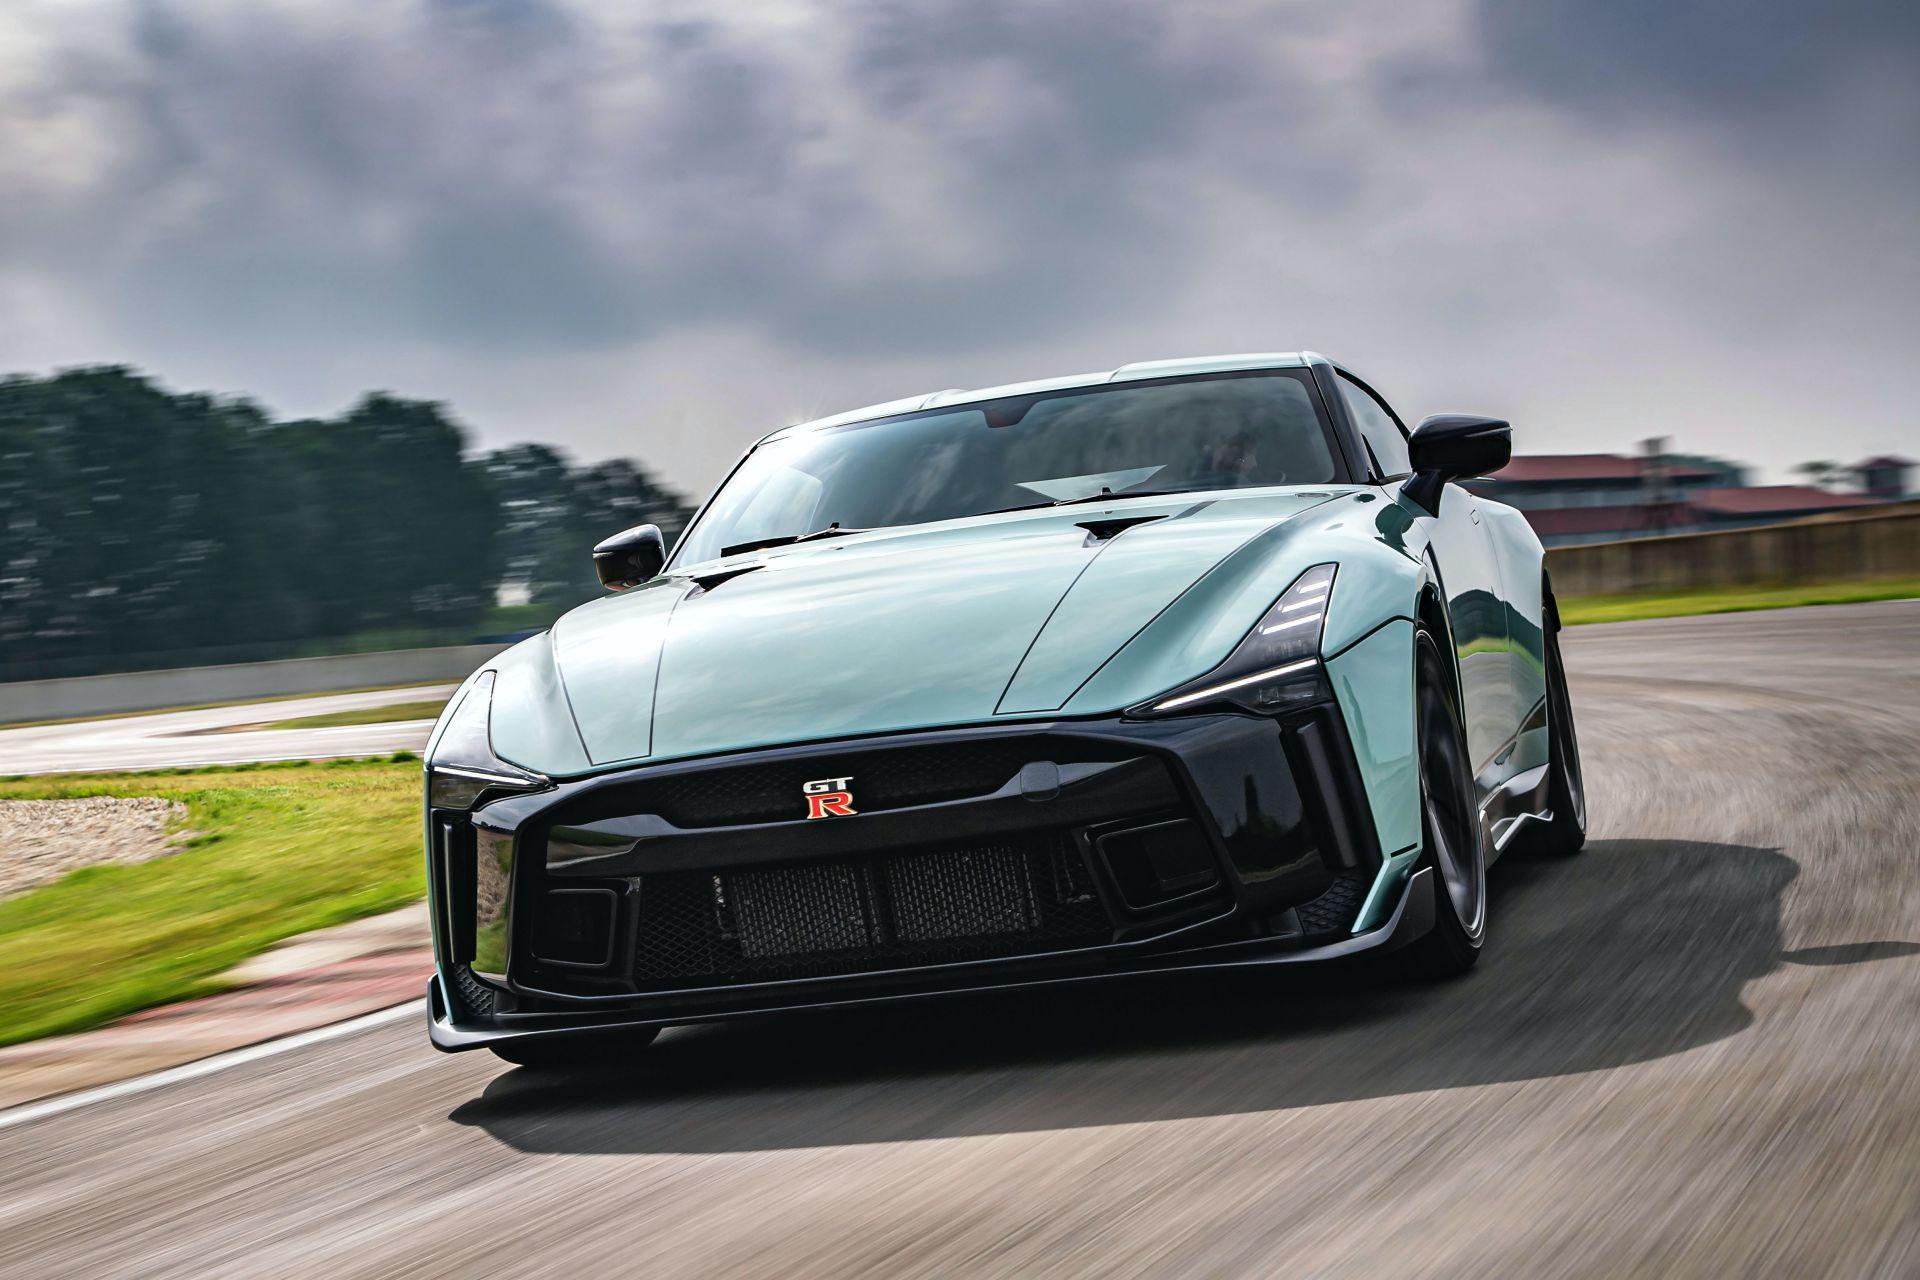 El Nissan GT-R más especial jamás fabricado   Supercoches   Motor EL PAÍS